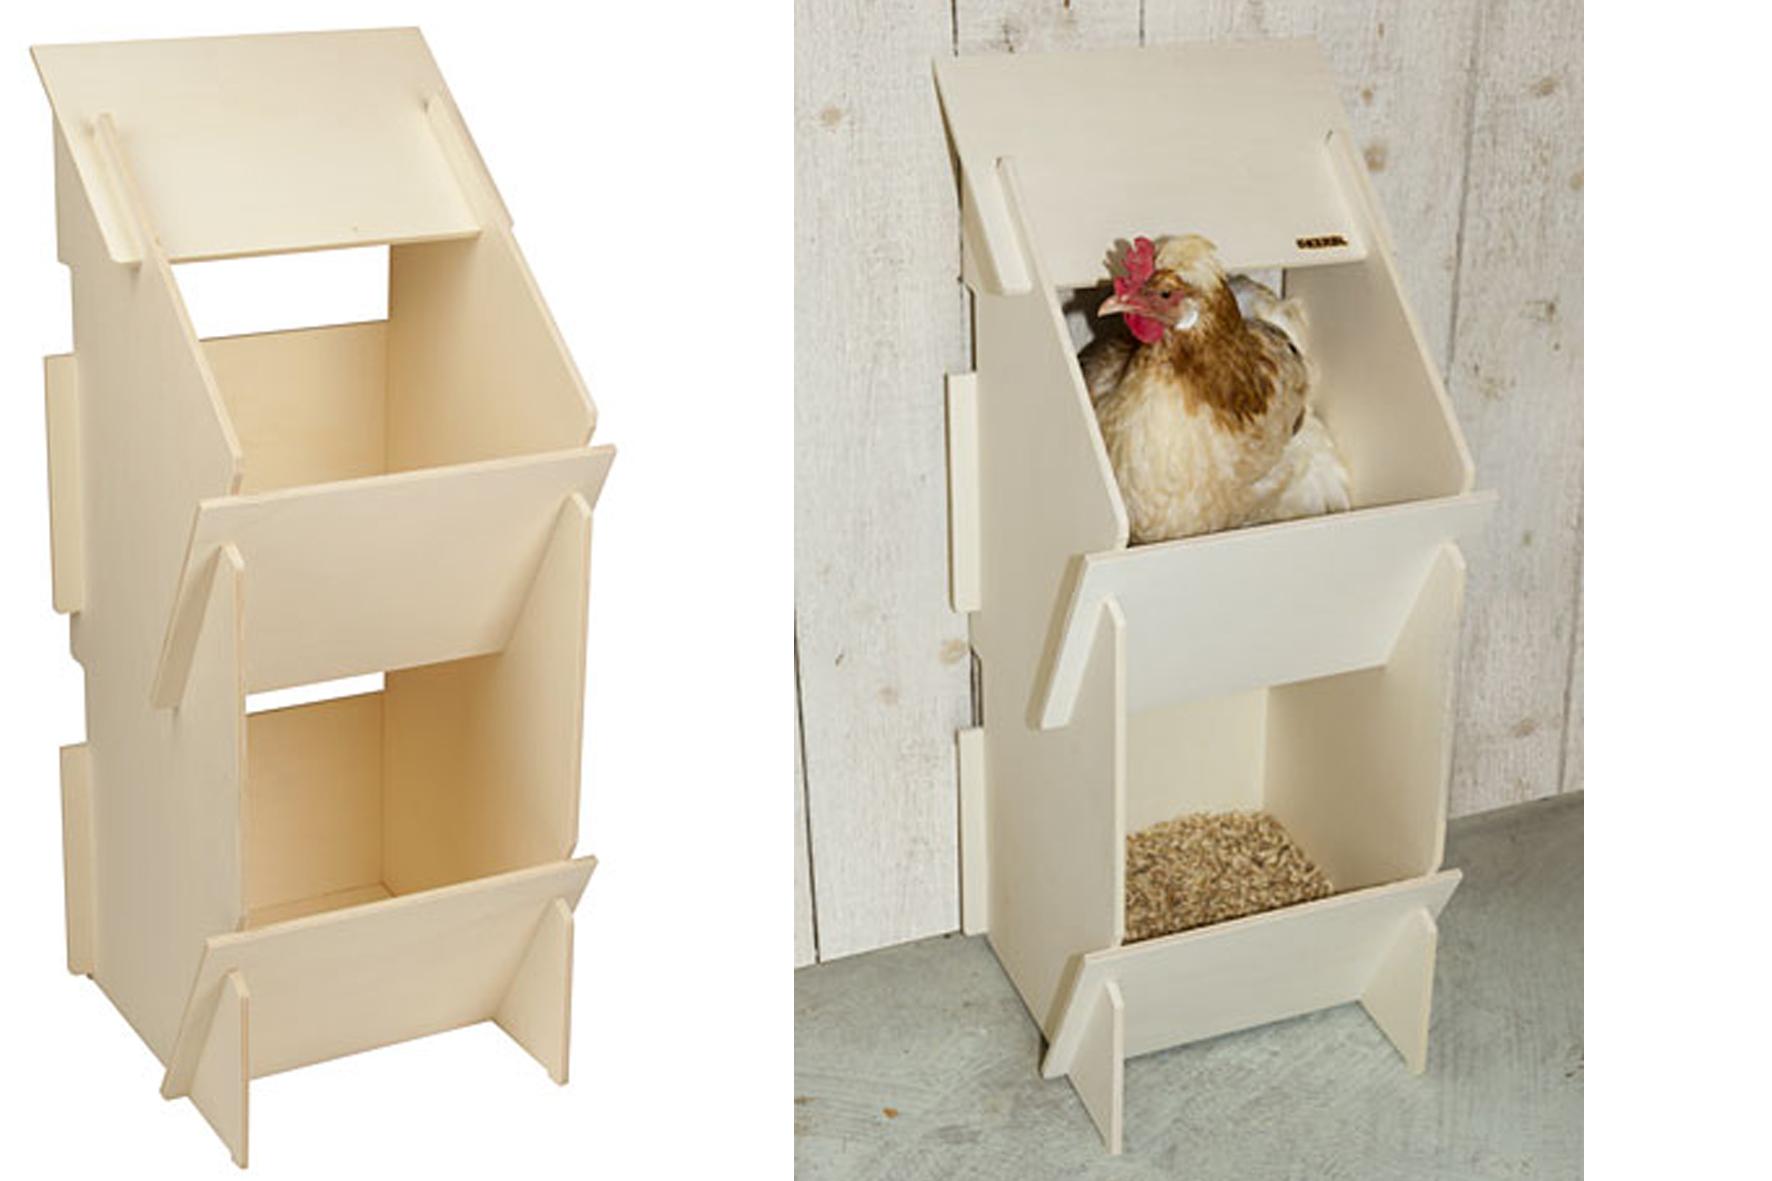 pondoir en bois pour poule achat en ligne ou dans notre magasin. Black Bedroom Furniture Sets. Home Design Ideas